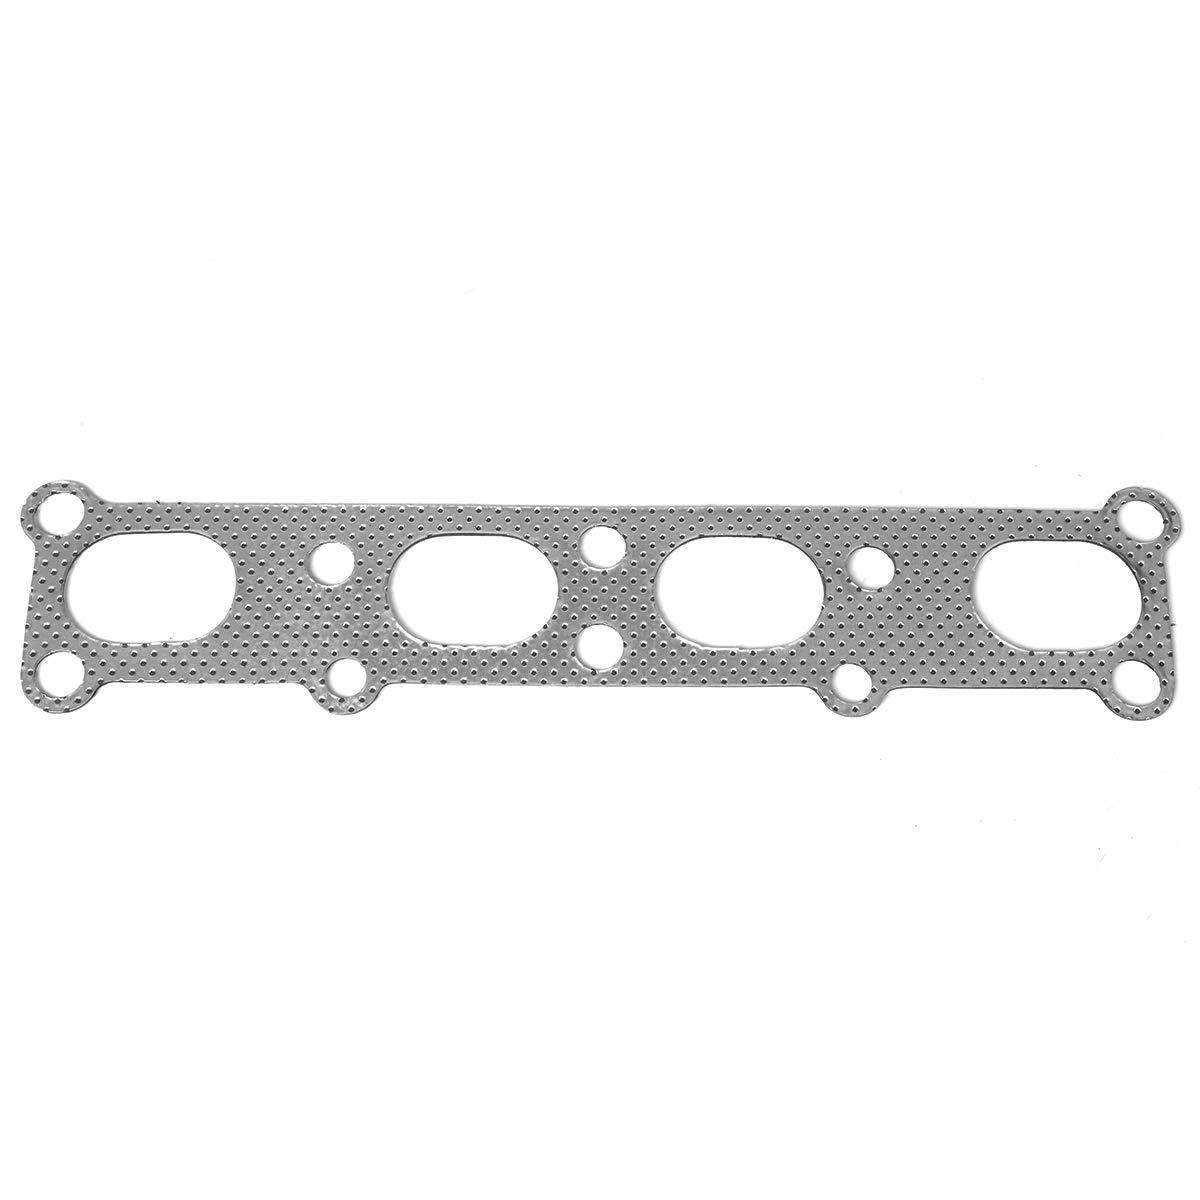 2.0L DOHC 5 Aluminum Exhaust Manifold Header Gasket Set for 01-03 Mazda Protege